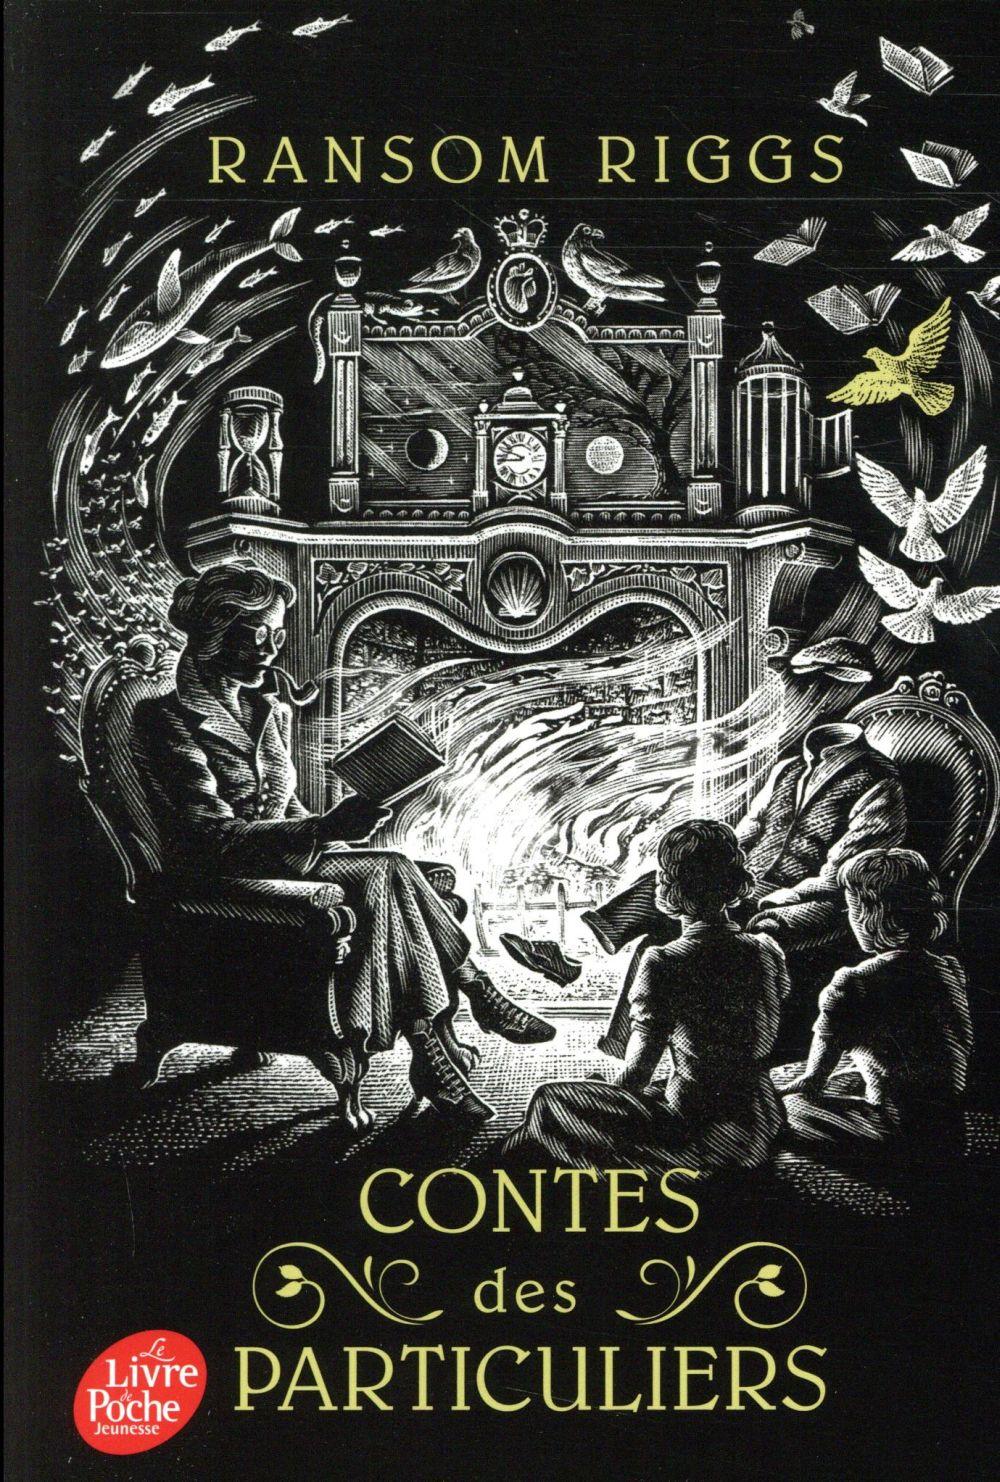 CONTES DES PARTICULIERS